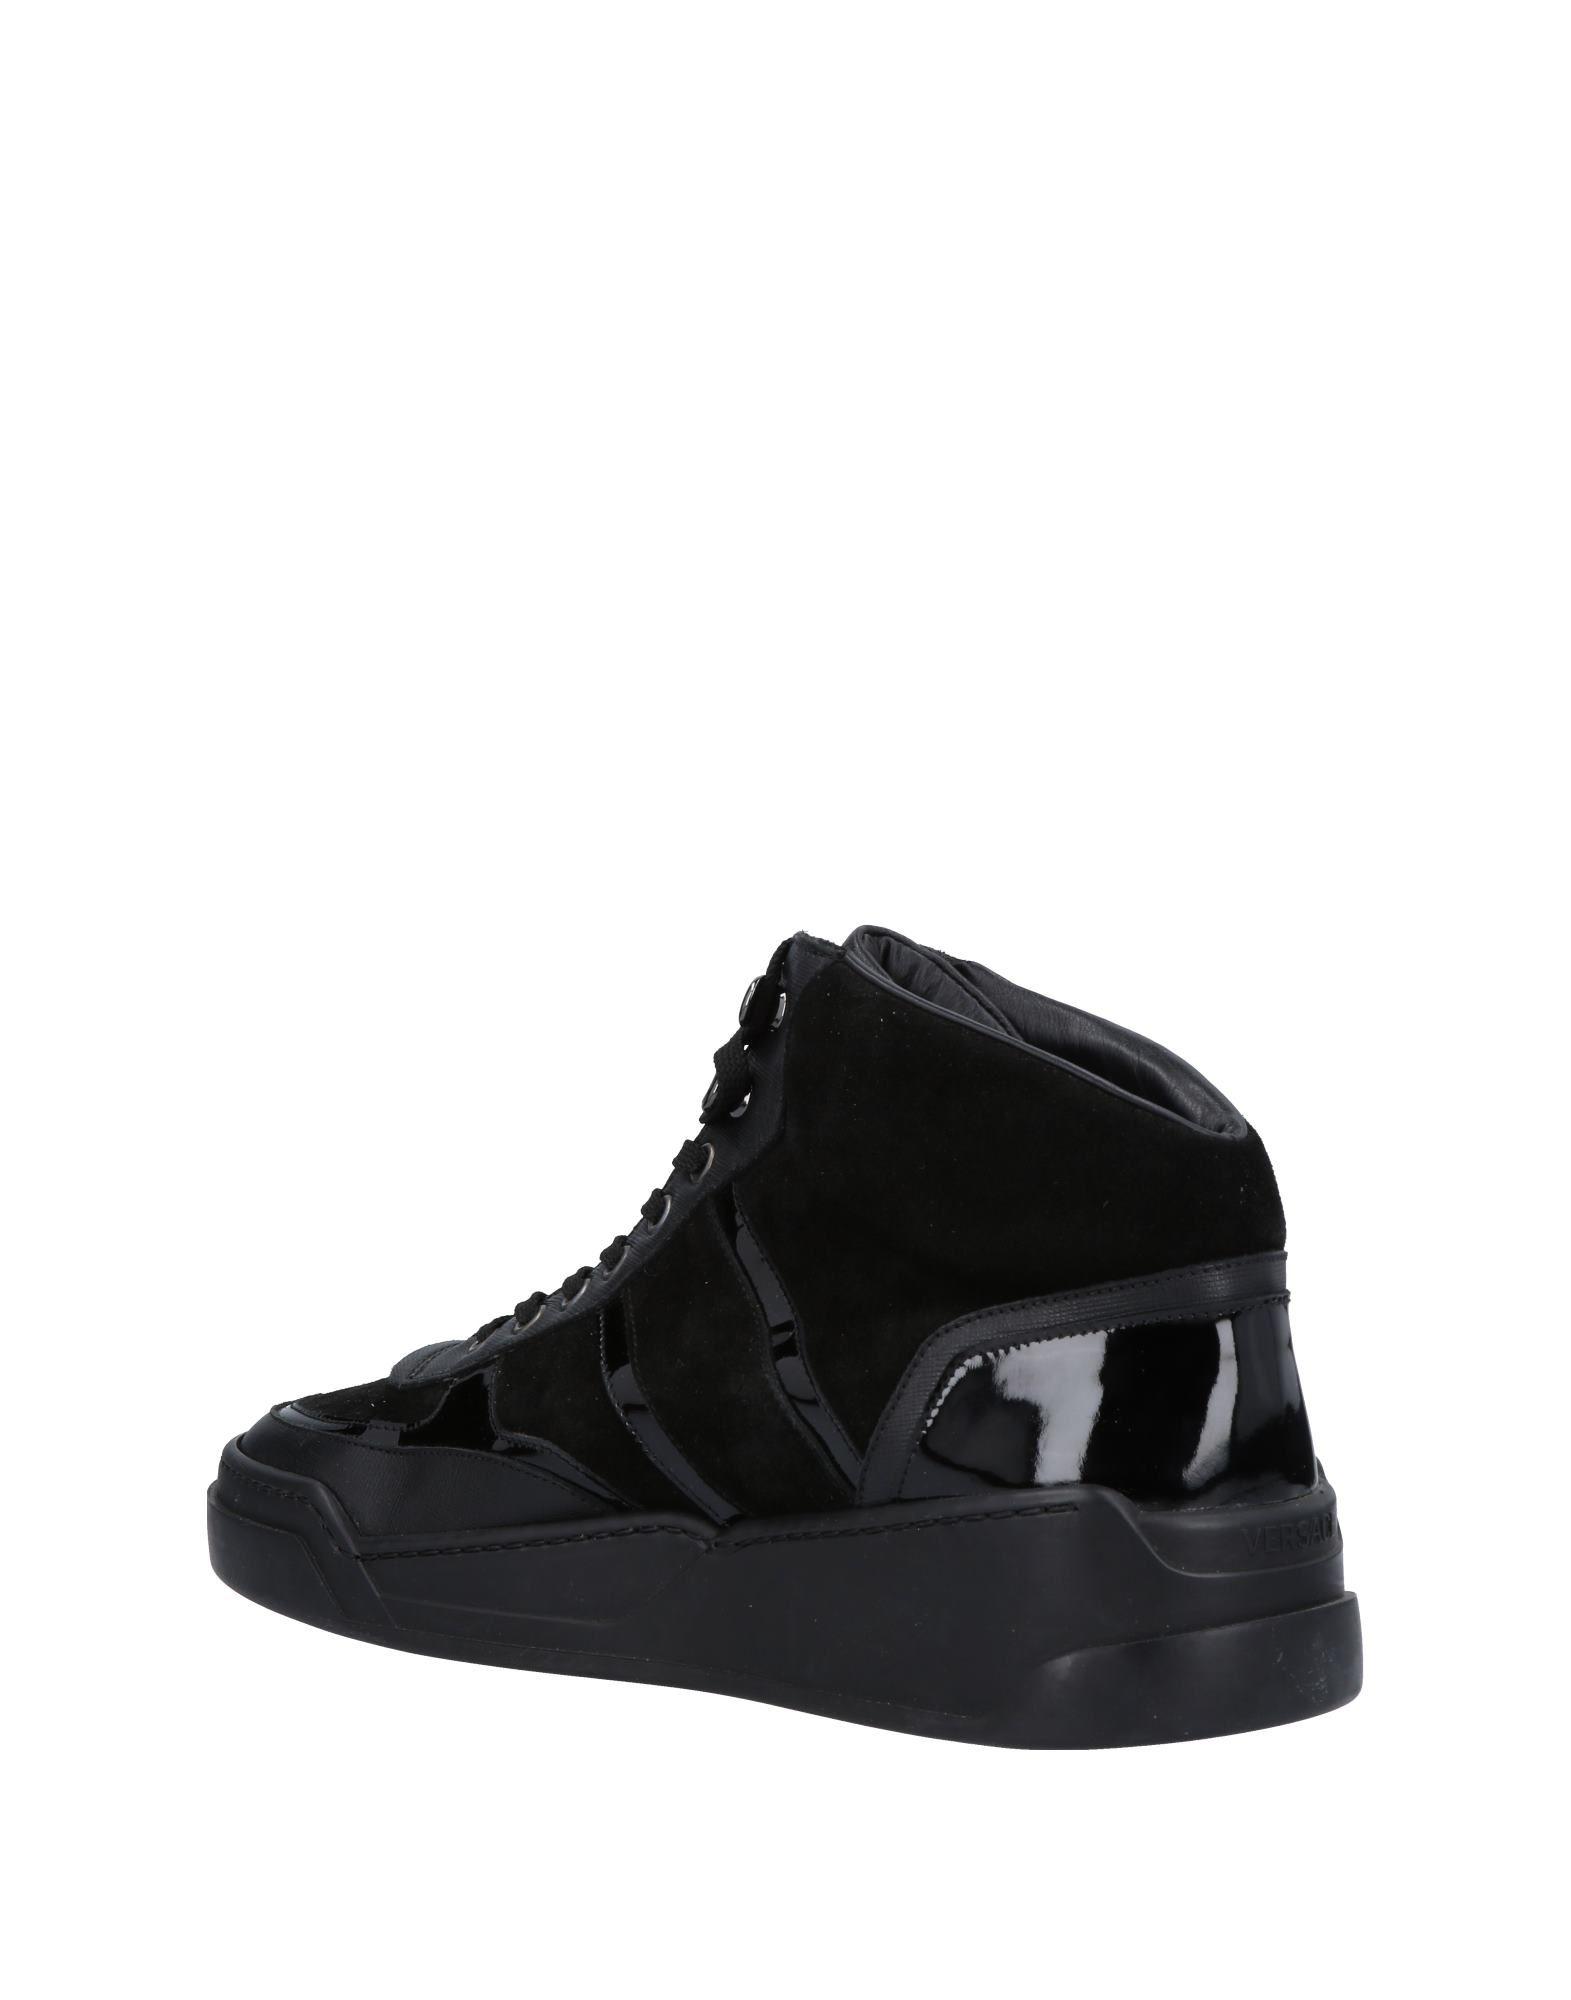 Versace Sneakers Herren  11469282IO Gute Qualität beliebte Schuhe